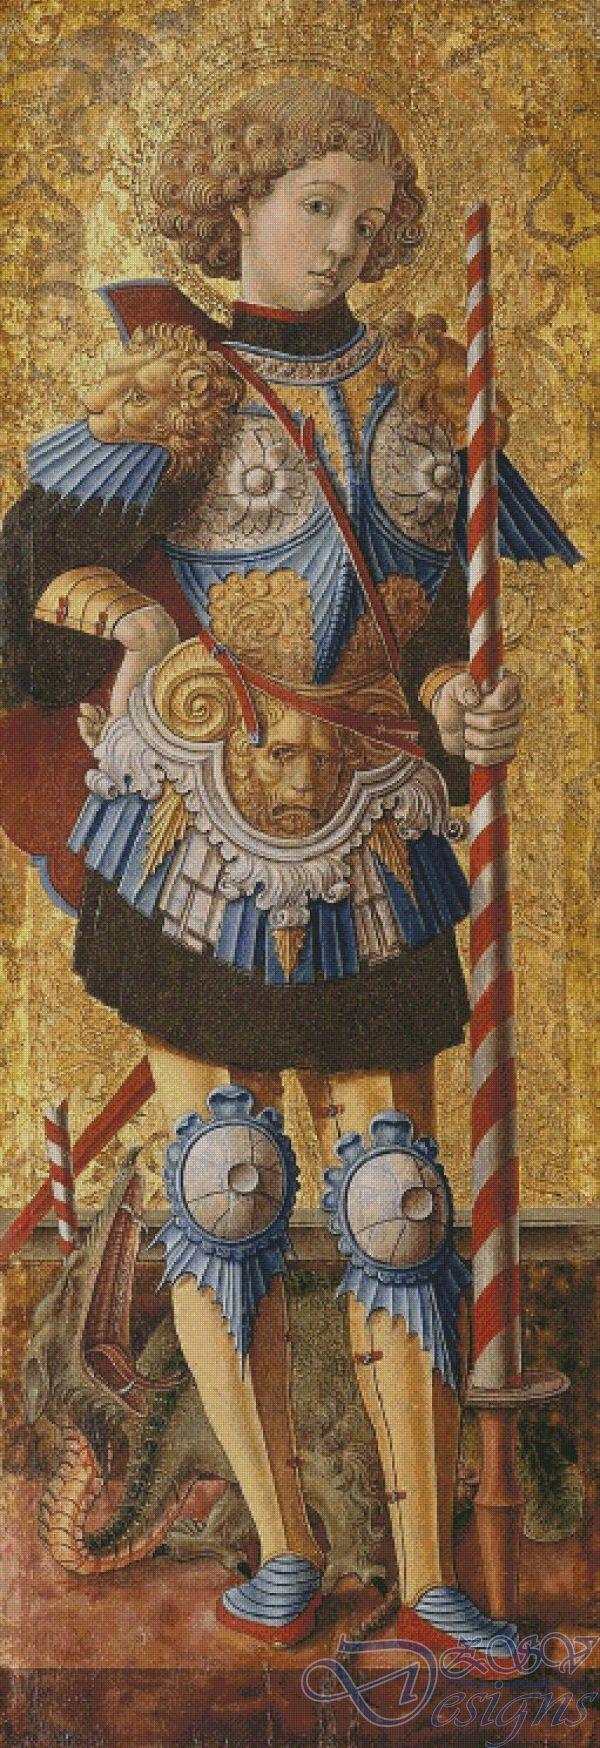 Святой Георгий | zsv